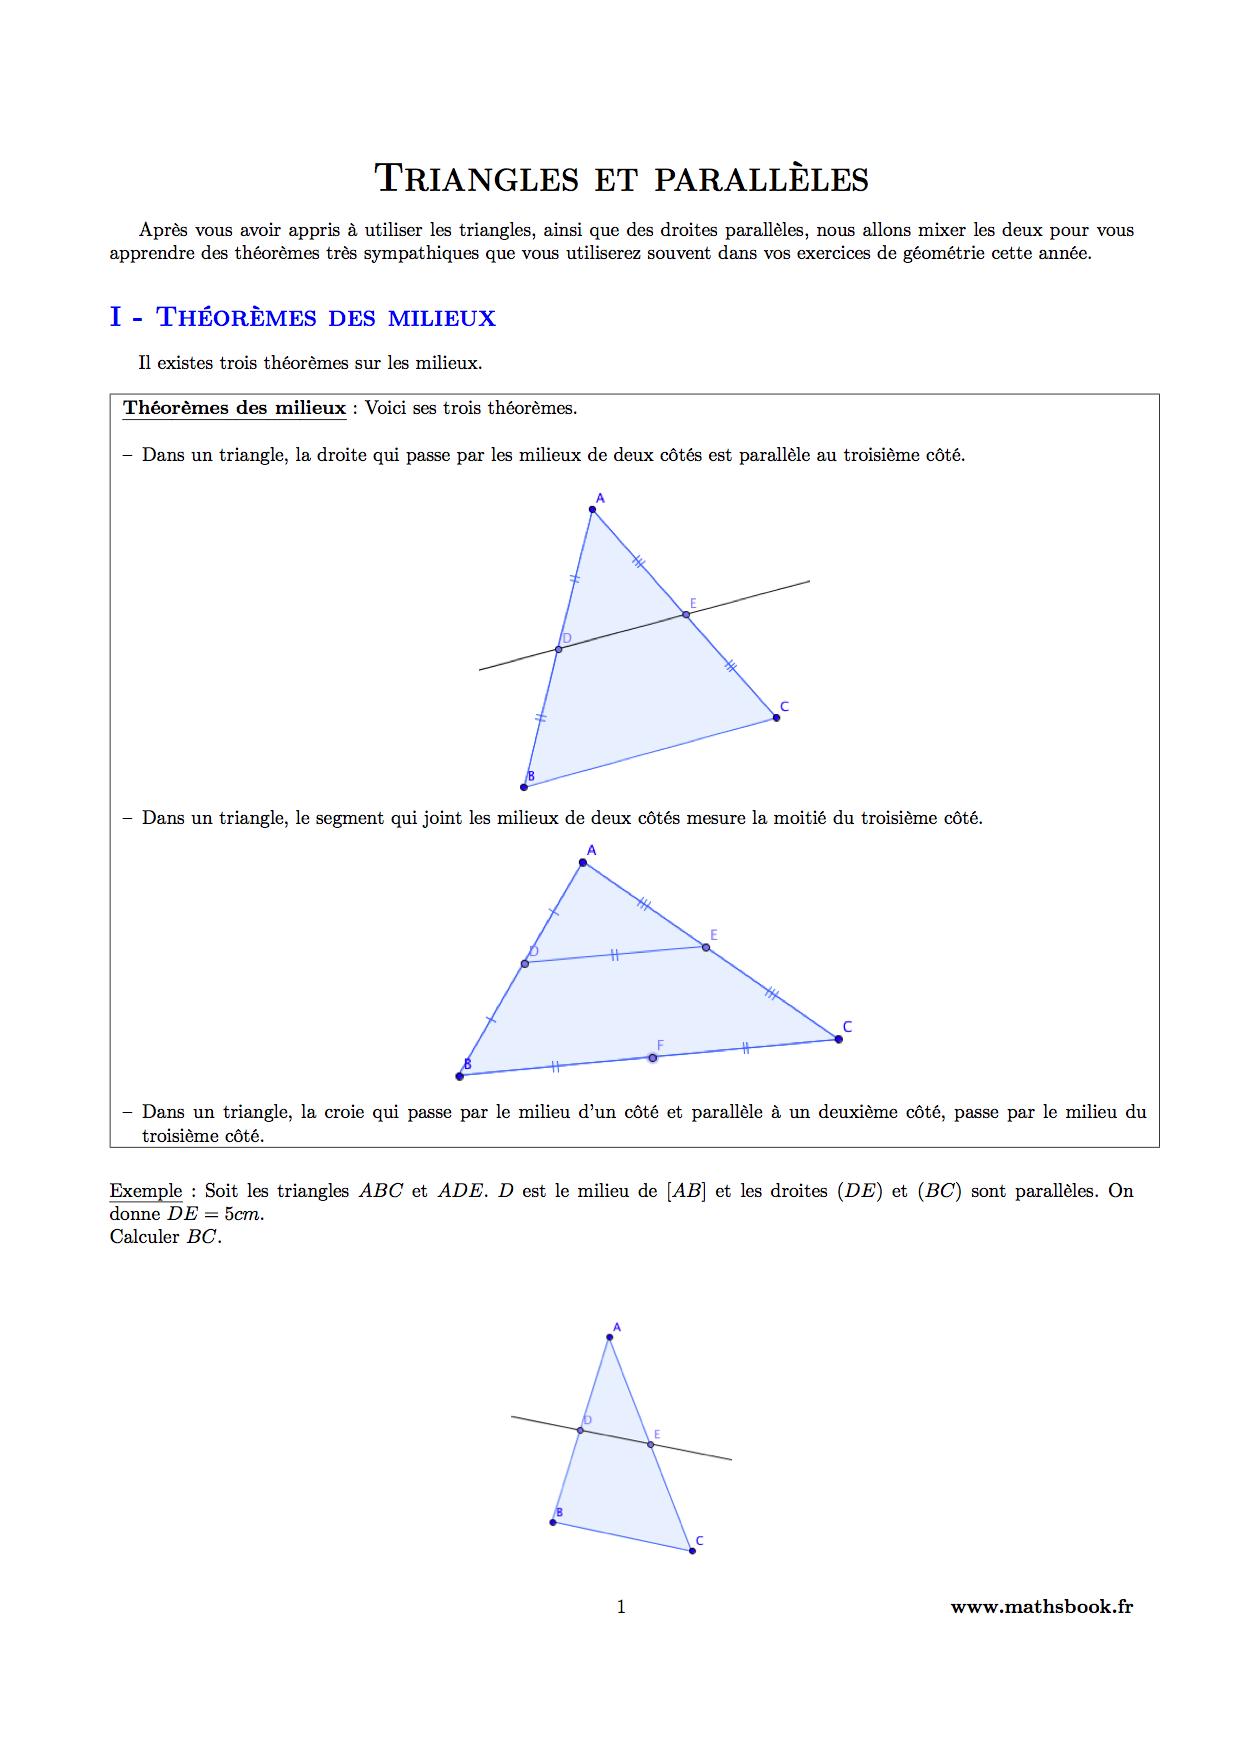 exercice math 4eme thales